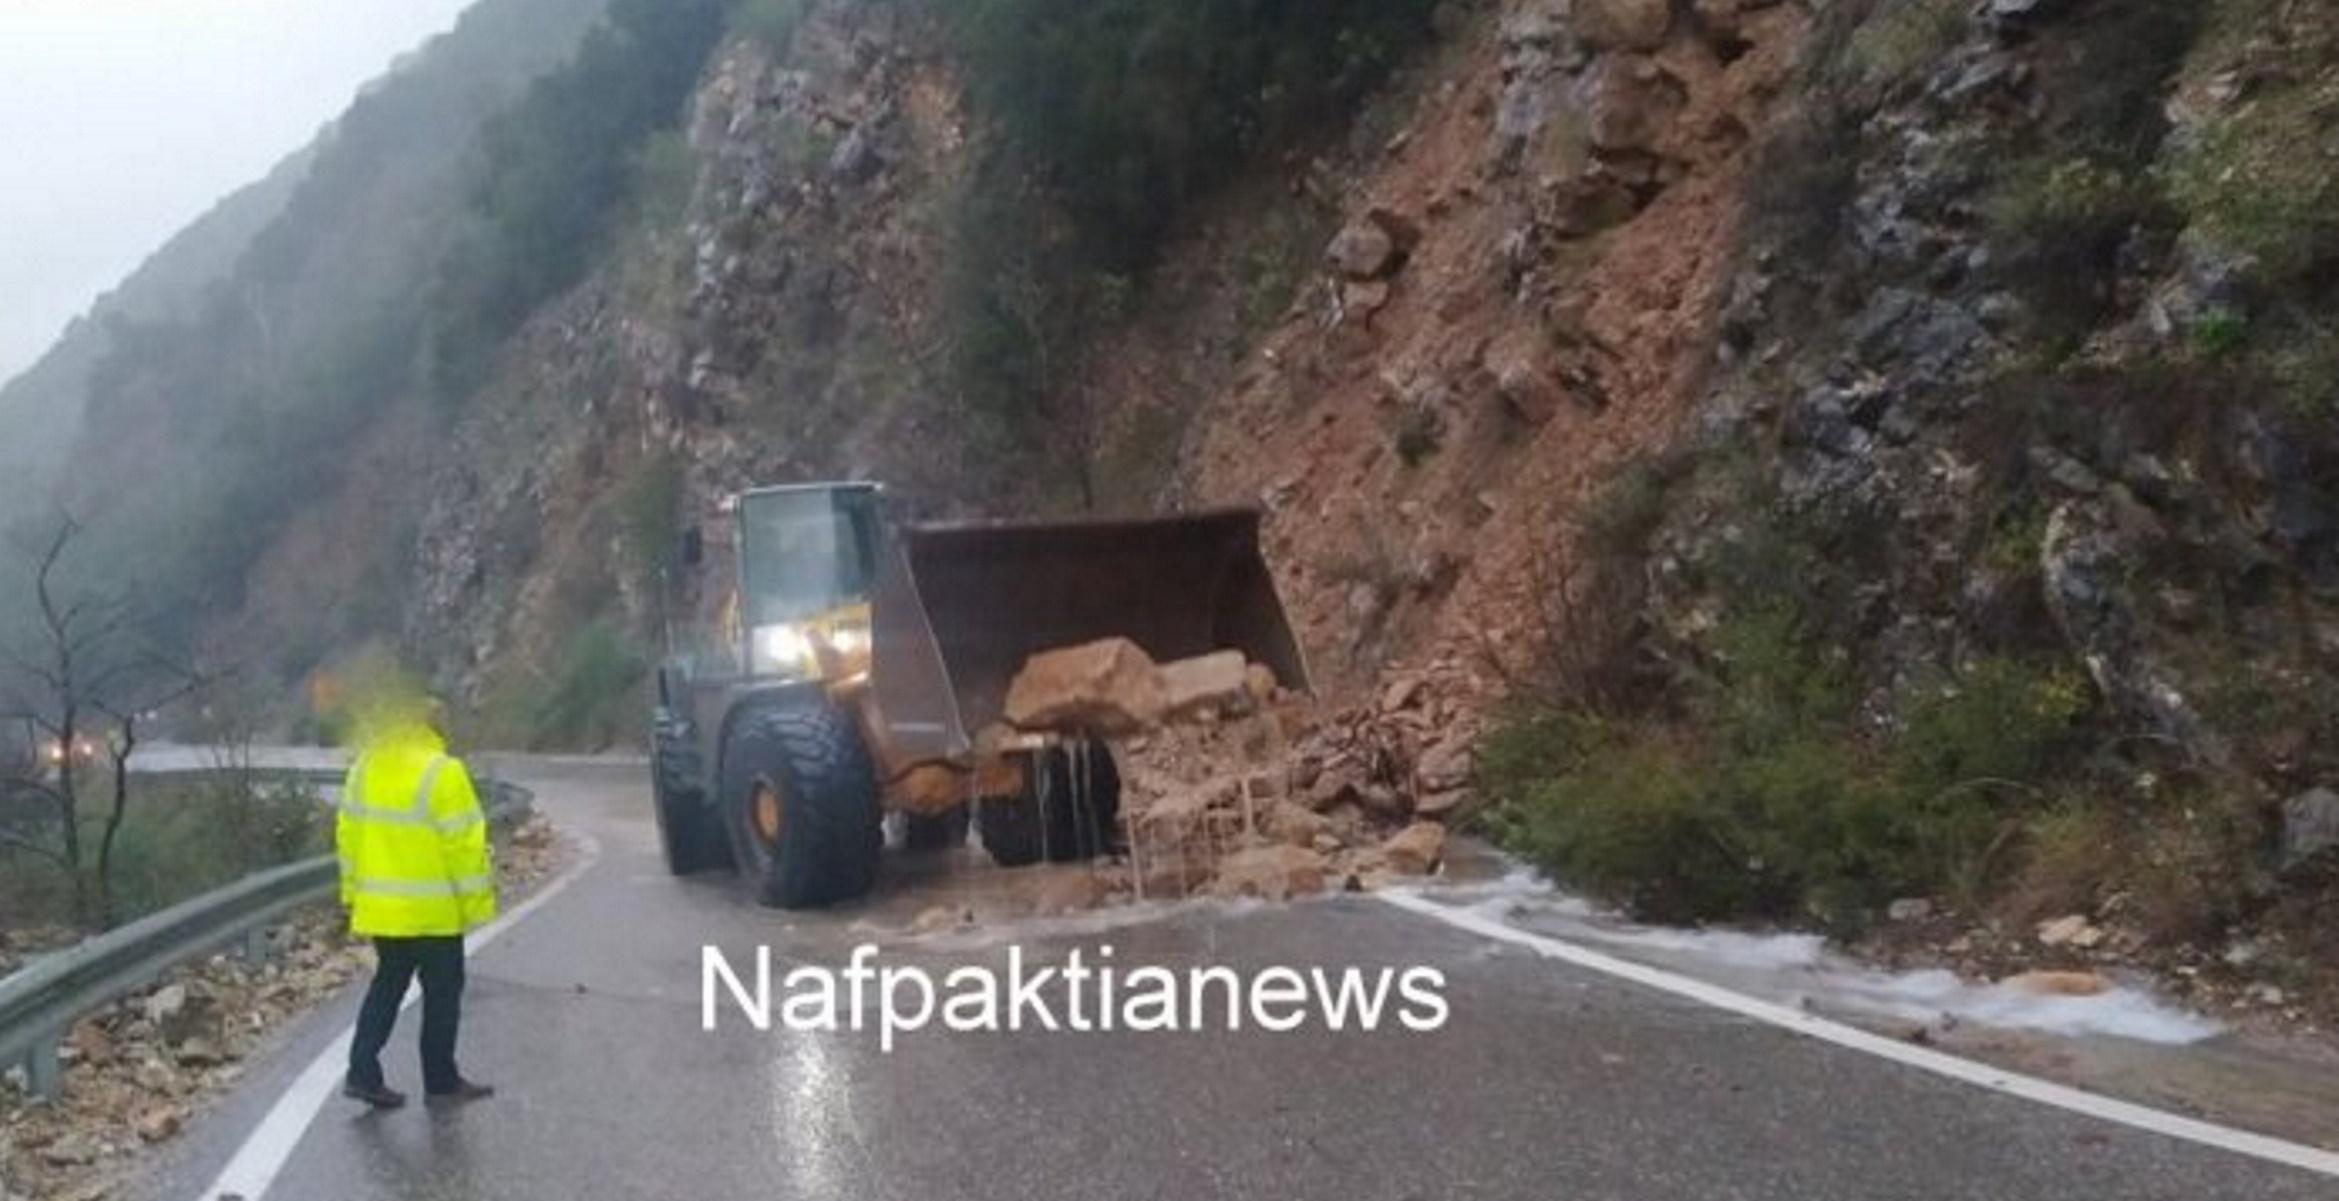 Αιτωλοακαρνανία: Η κακοκαιρία «χτυπά» και τη Ναύπακτο – Δρόμοι ποτάμια και κατολισθήσεις (pics, video)